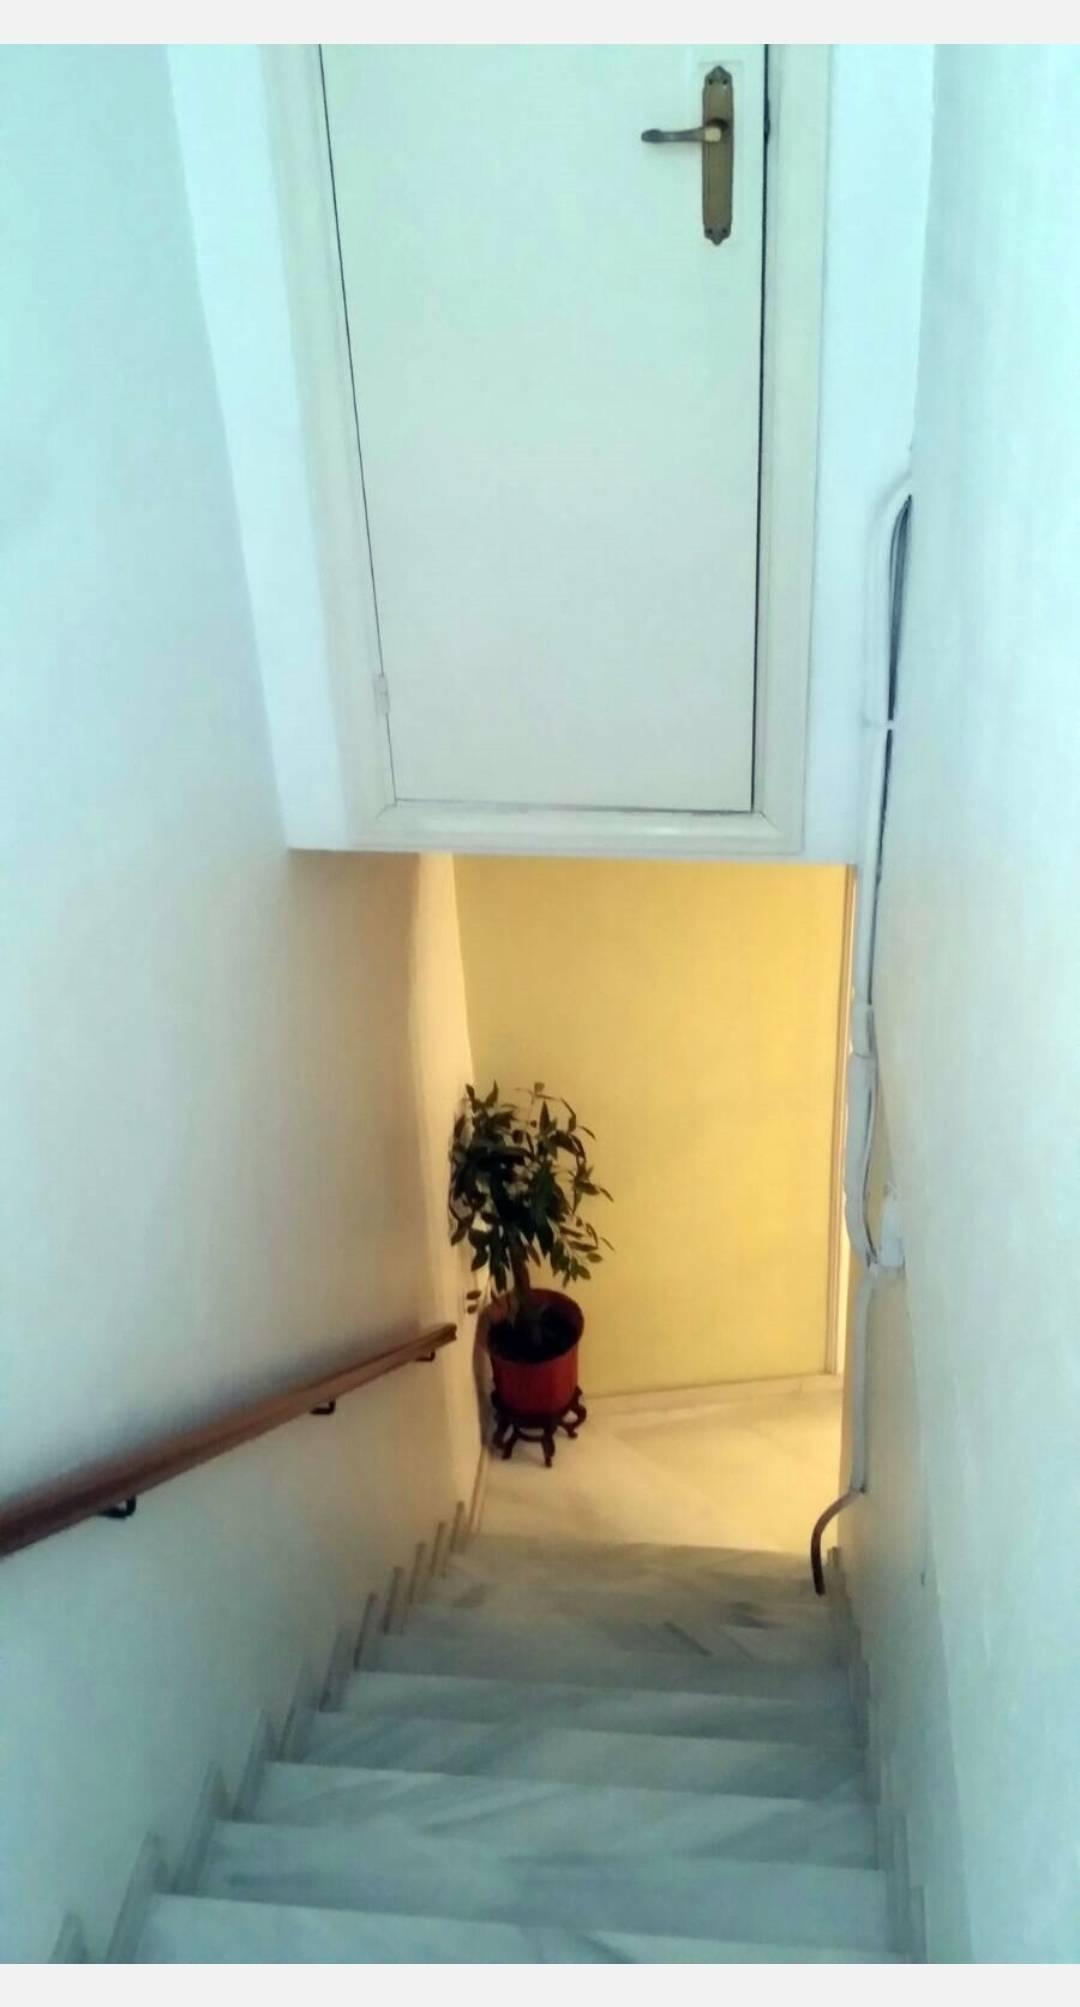 Casa con local (comercial, garaje o almacén) y azotea  - Foto 12